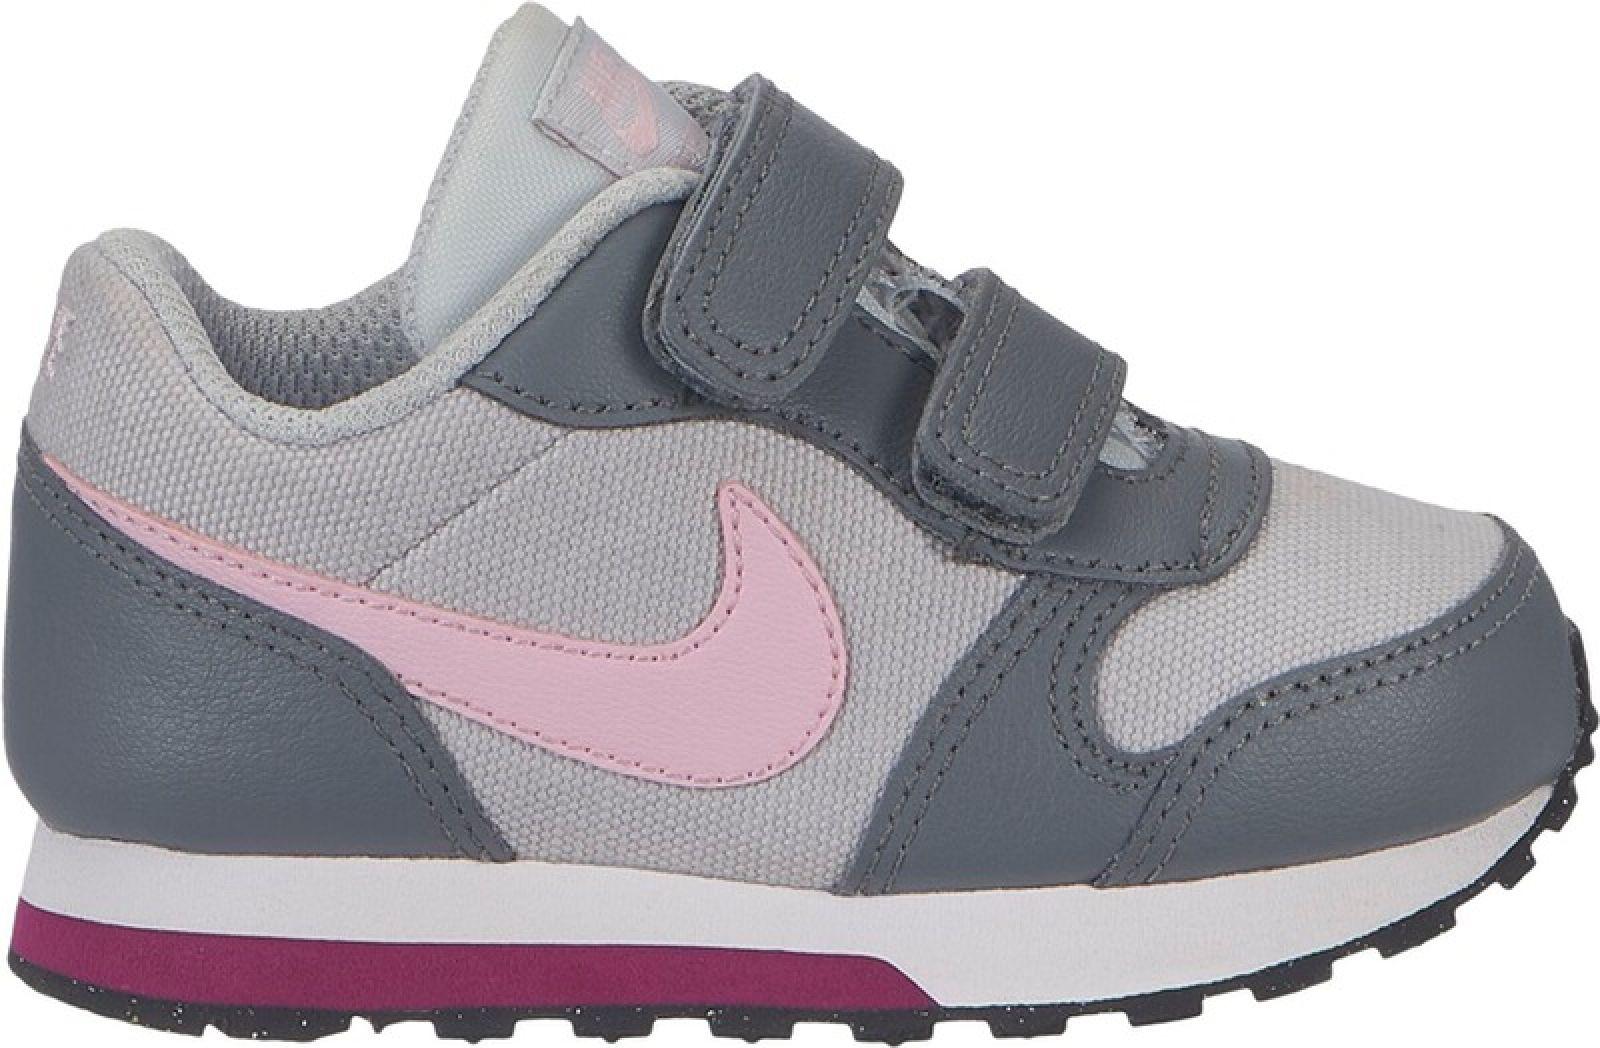 MD Sport 2TDVgrau zu Freizeit Klett pink Runner Schuhe Details Klein Kinder NIKE HI29EDW